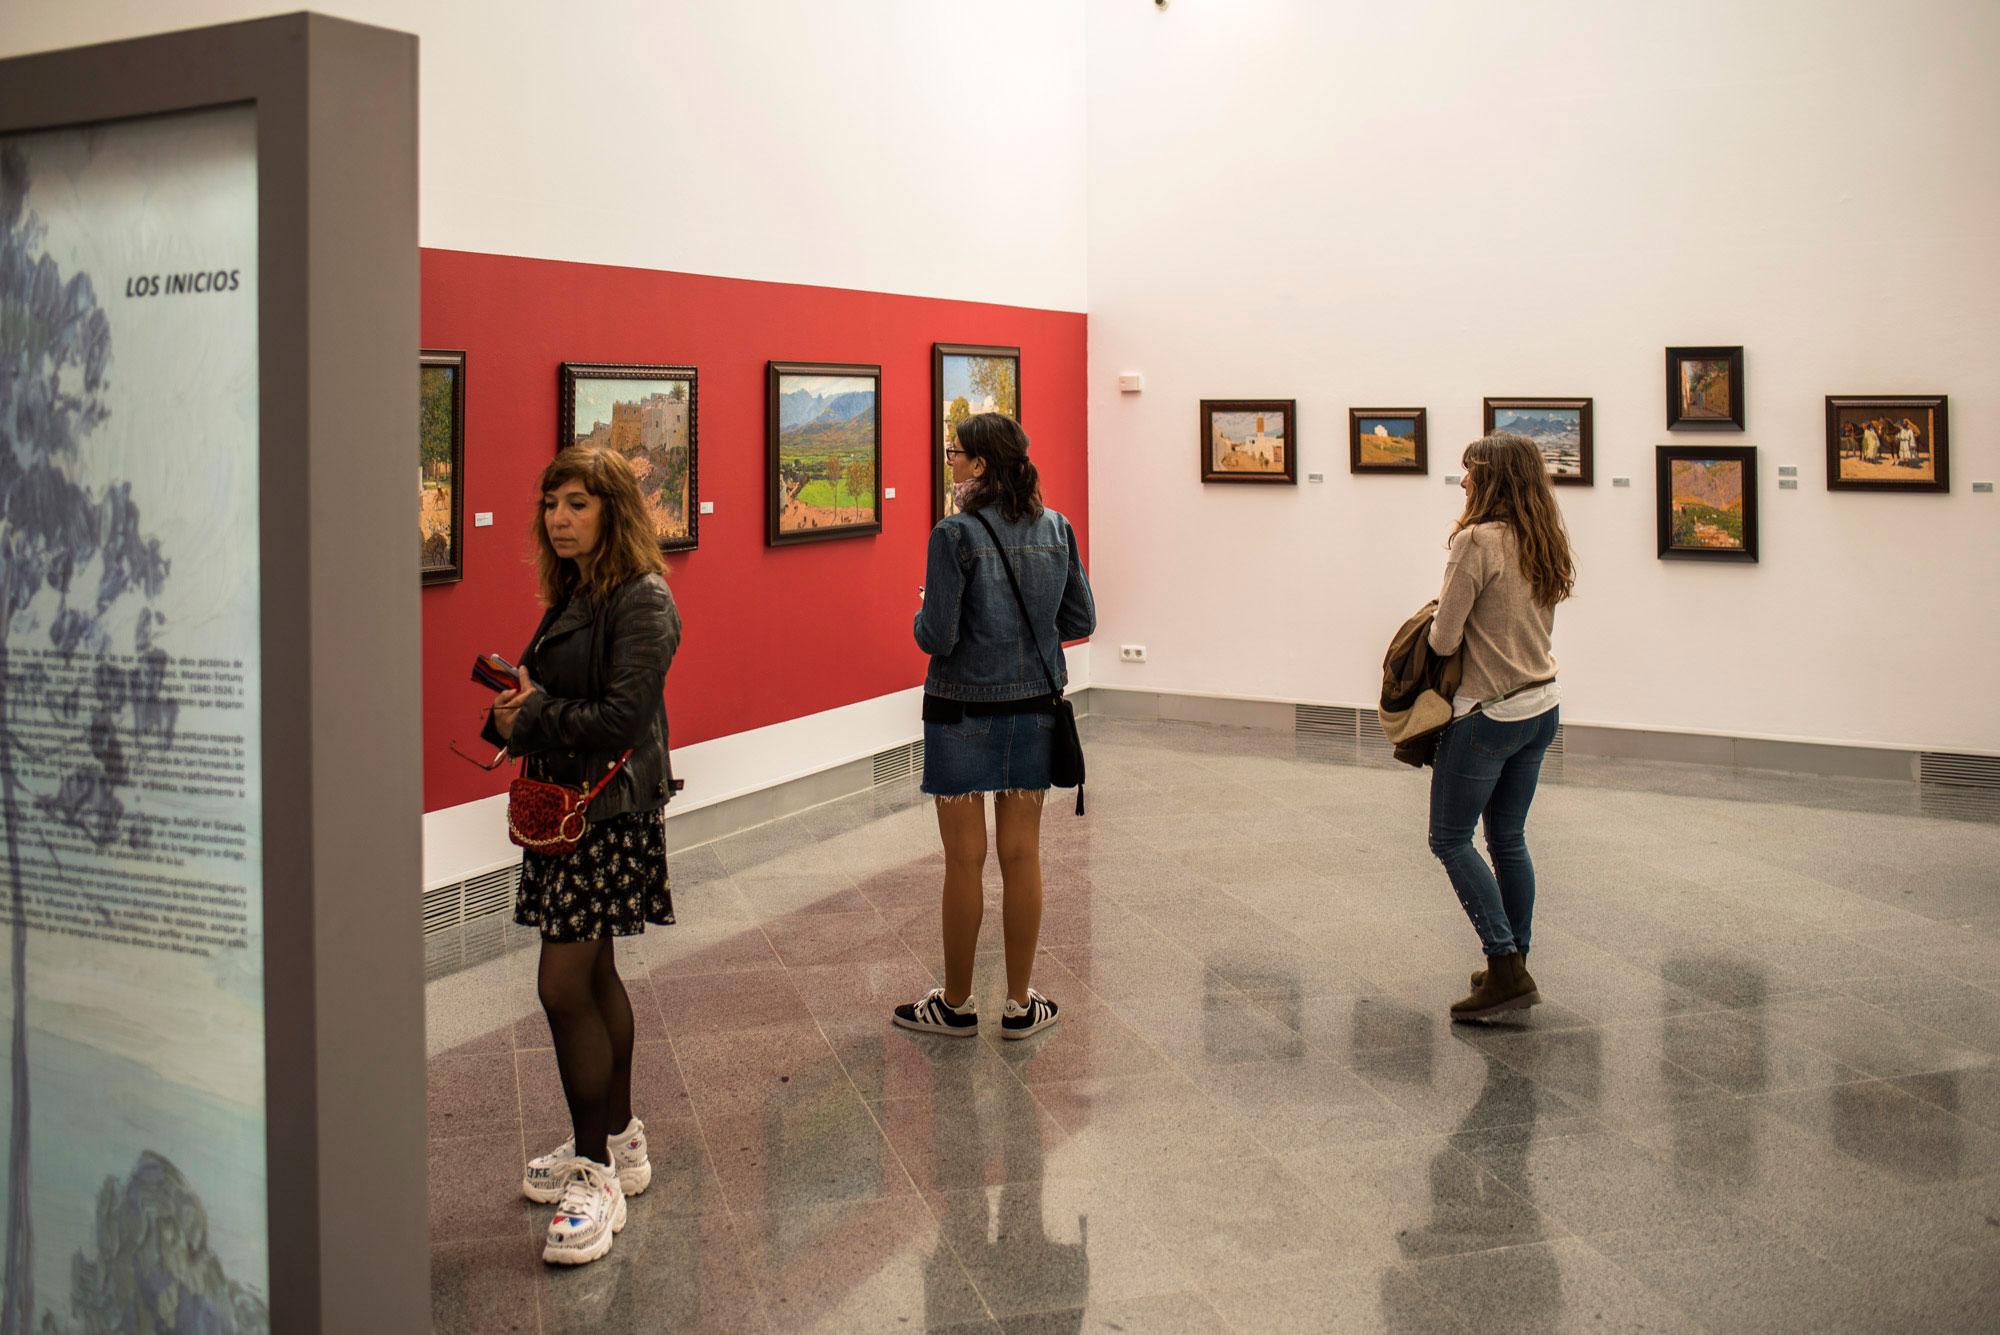 Exposición de Mariano Bertuchi en la sala de exposición de las Murallas Reales, en Ceuta.